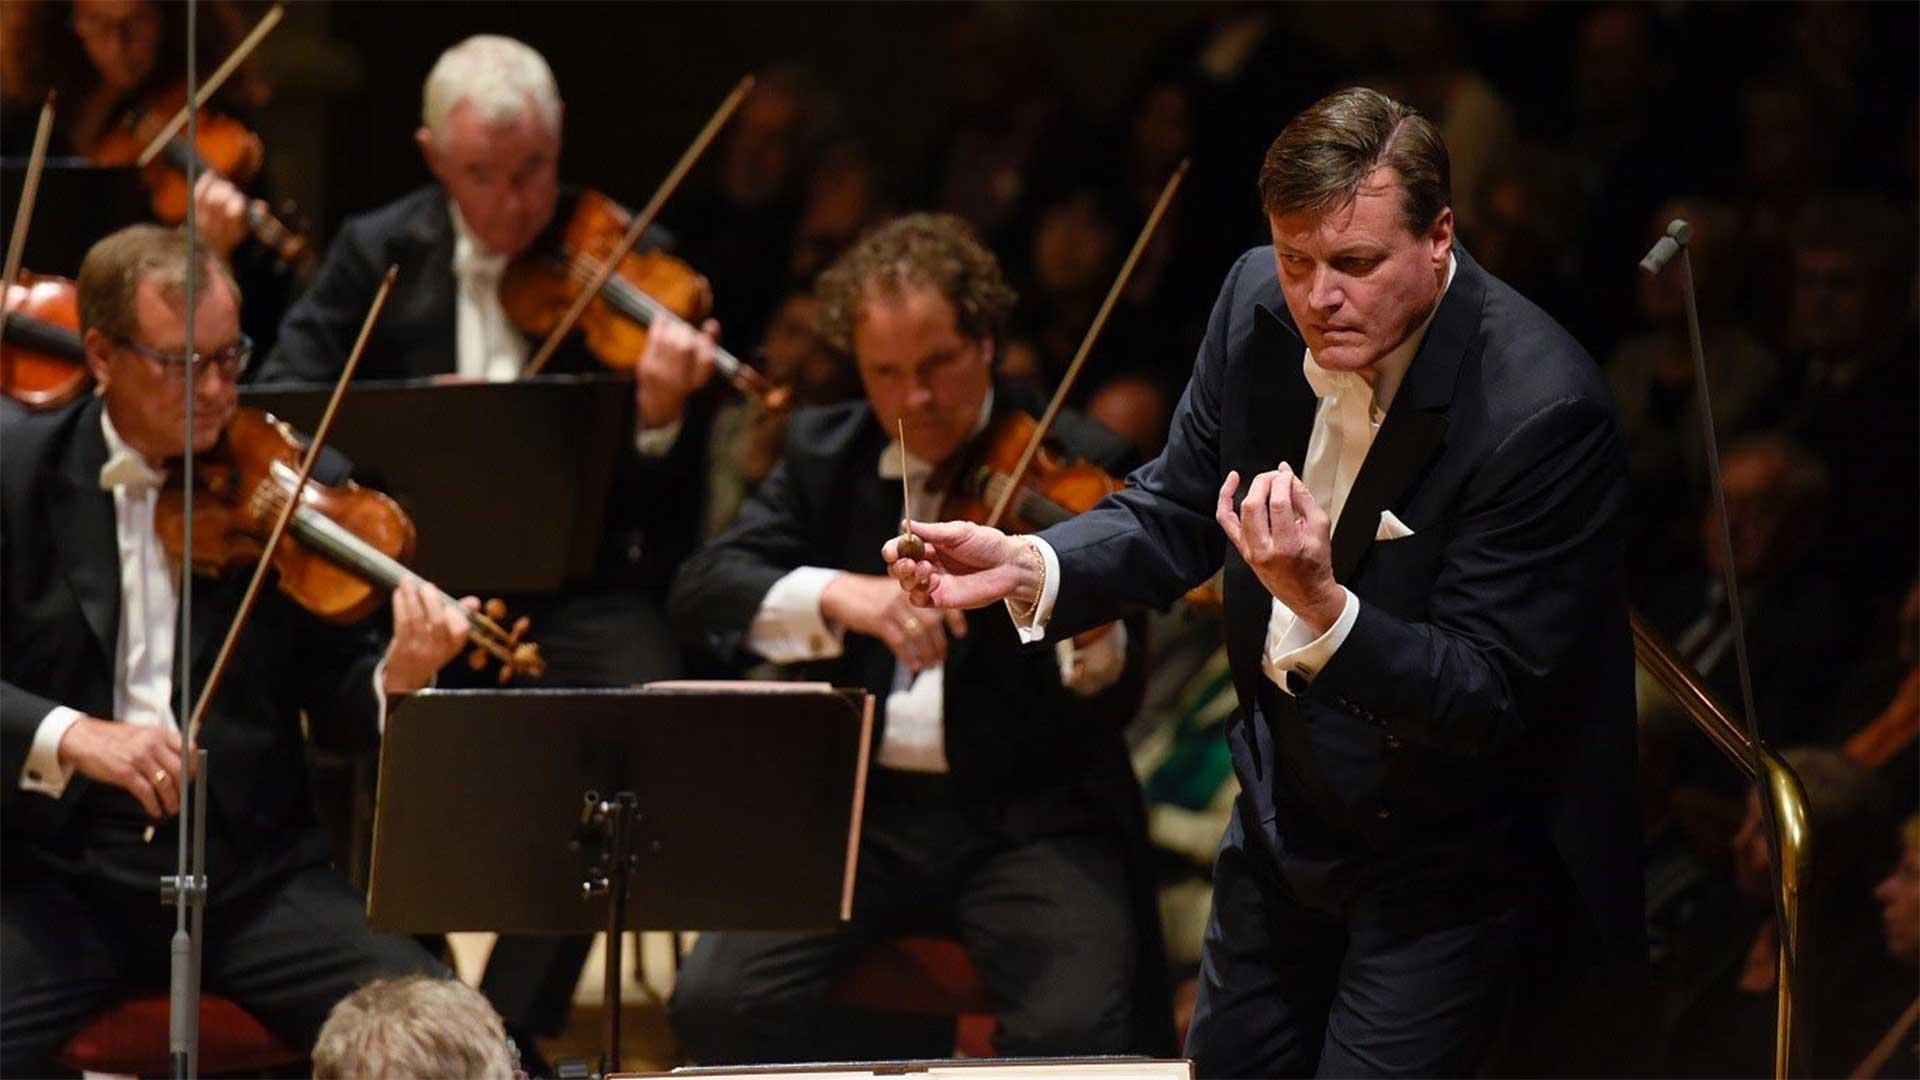 Christian Thielemann conducting the Vienna Philharmonic.